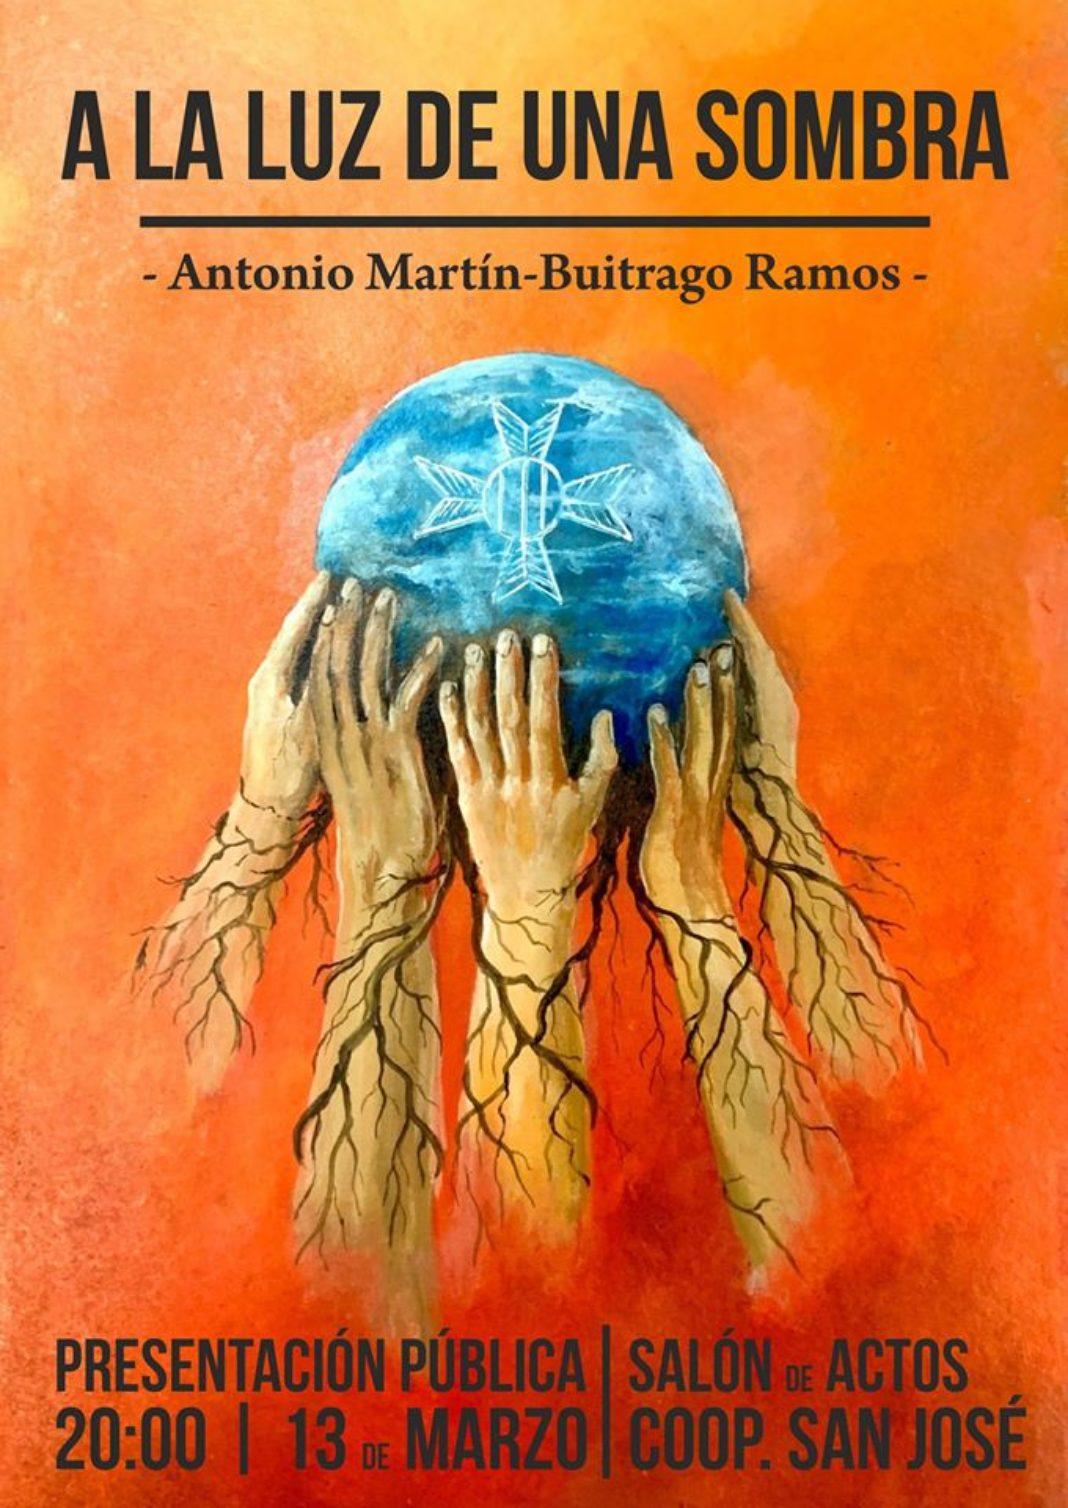 """Libro A la luz de una sombre  1068x1508 - Presentación del libro """"A la luz de una sombra"""" de Antonio Martín-Buitrago Ramos"""